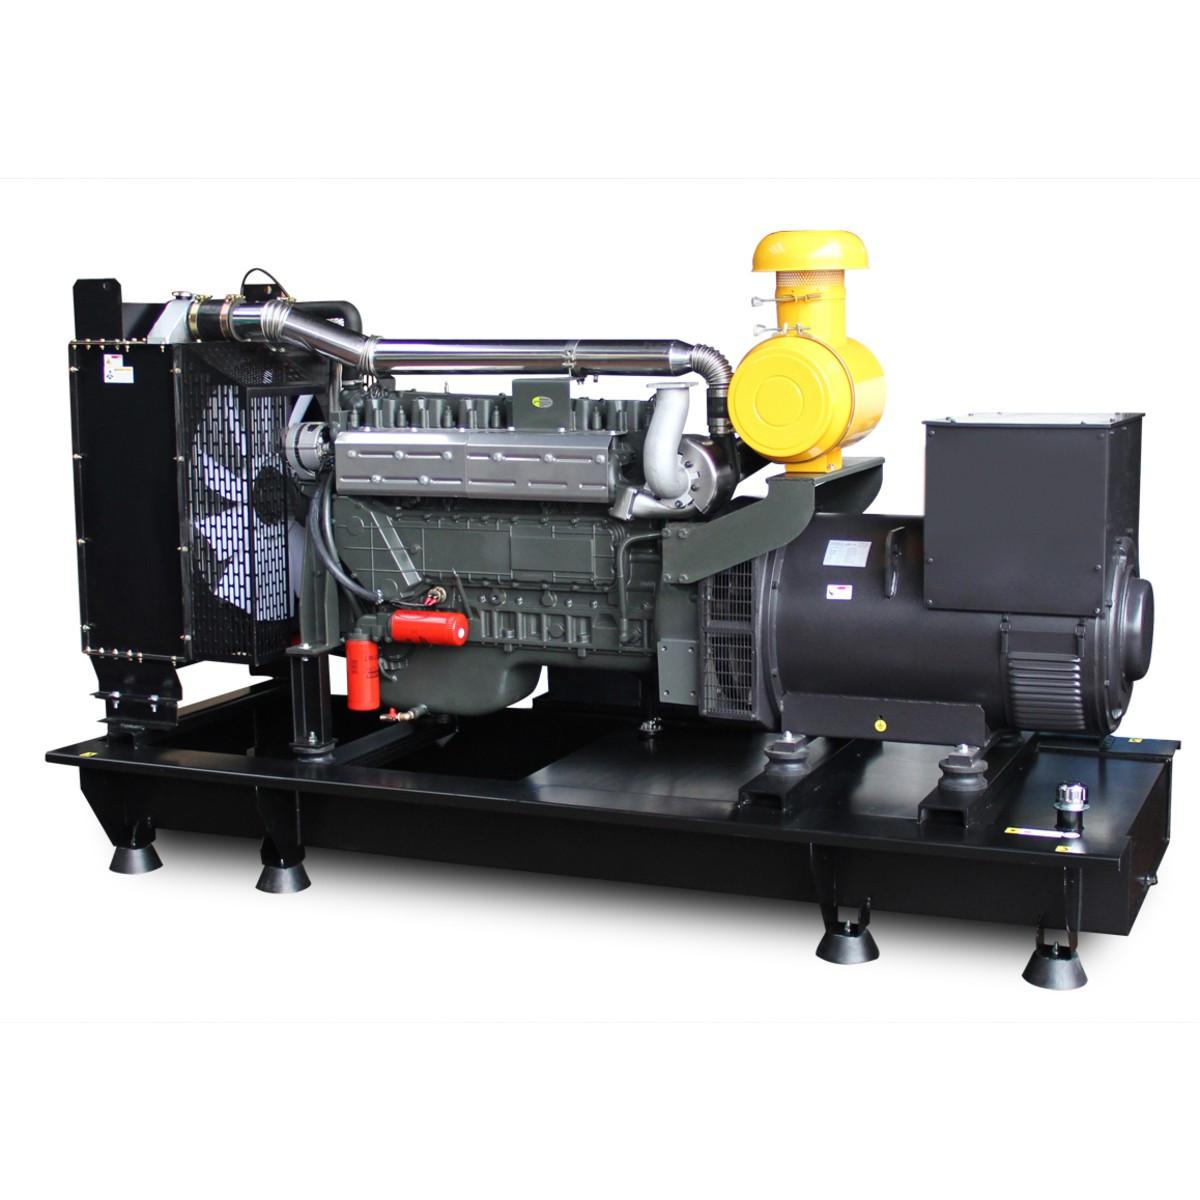 Трьохфазний дизельний генератор AyPower AYR150 (120 кВт)